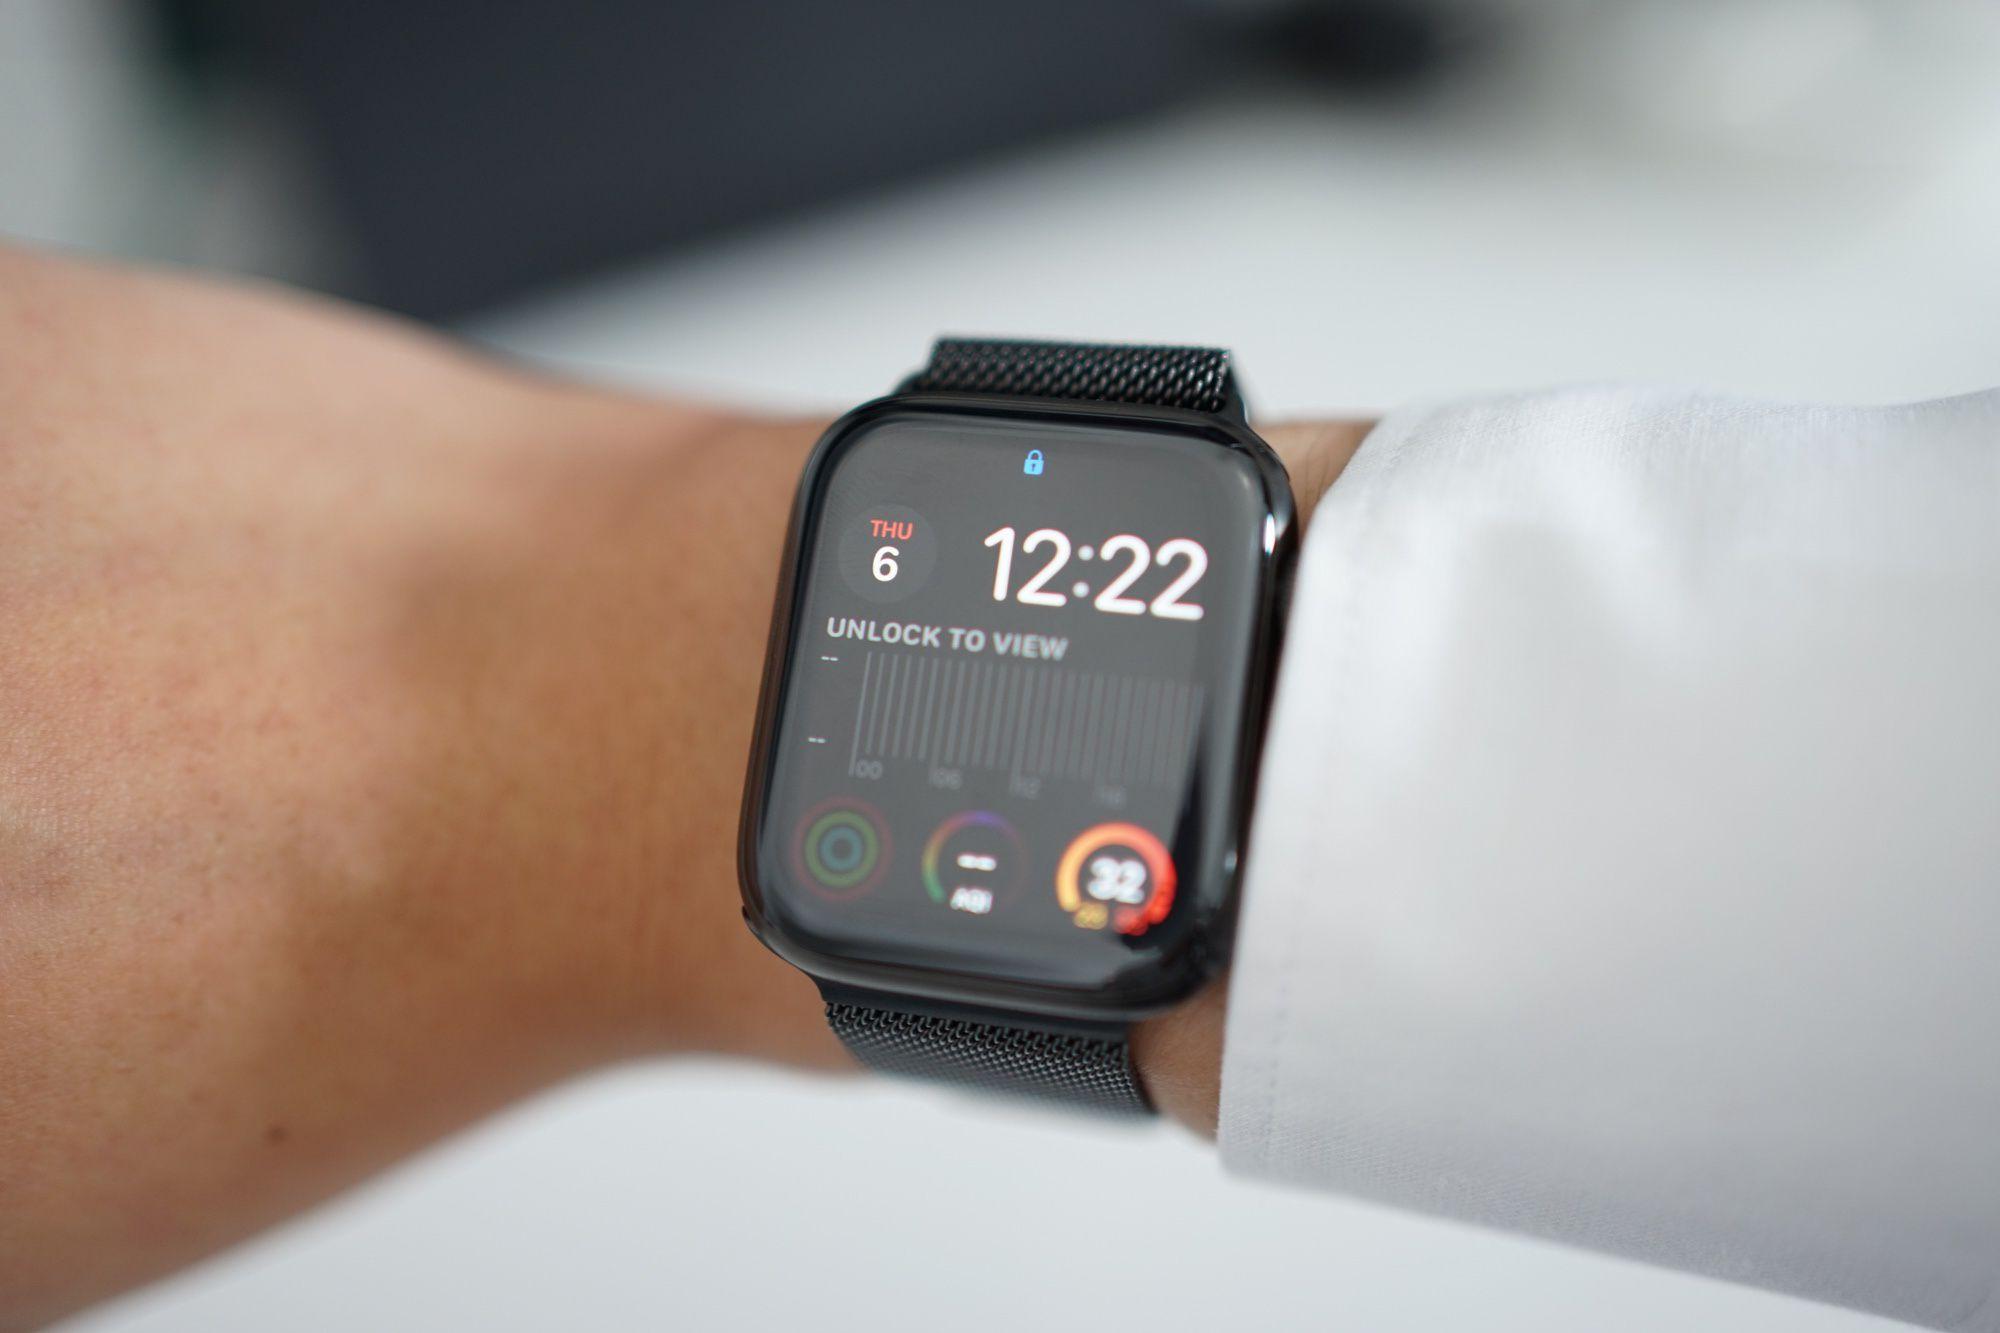 รีวิว Apple Watch Series 5 Edition จอไม่ดับ สมบูรณ์มากขึ้น